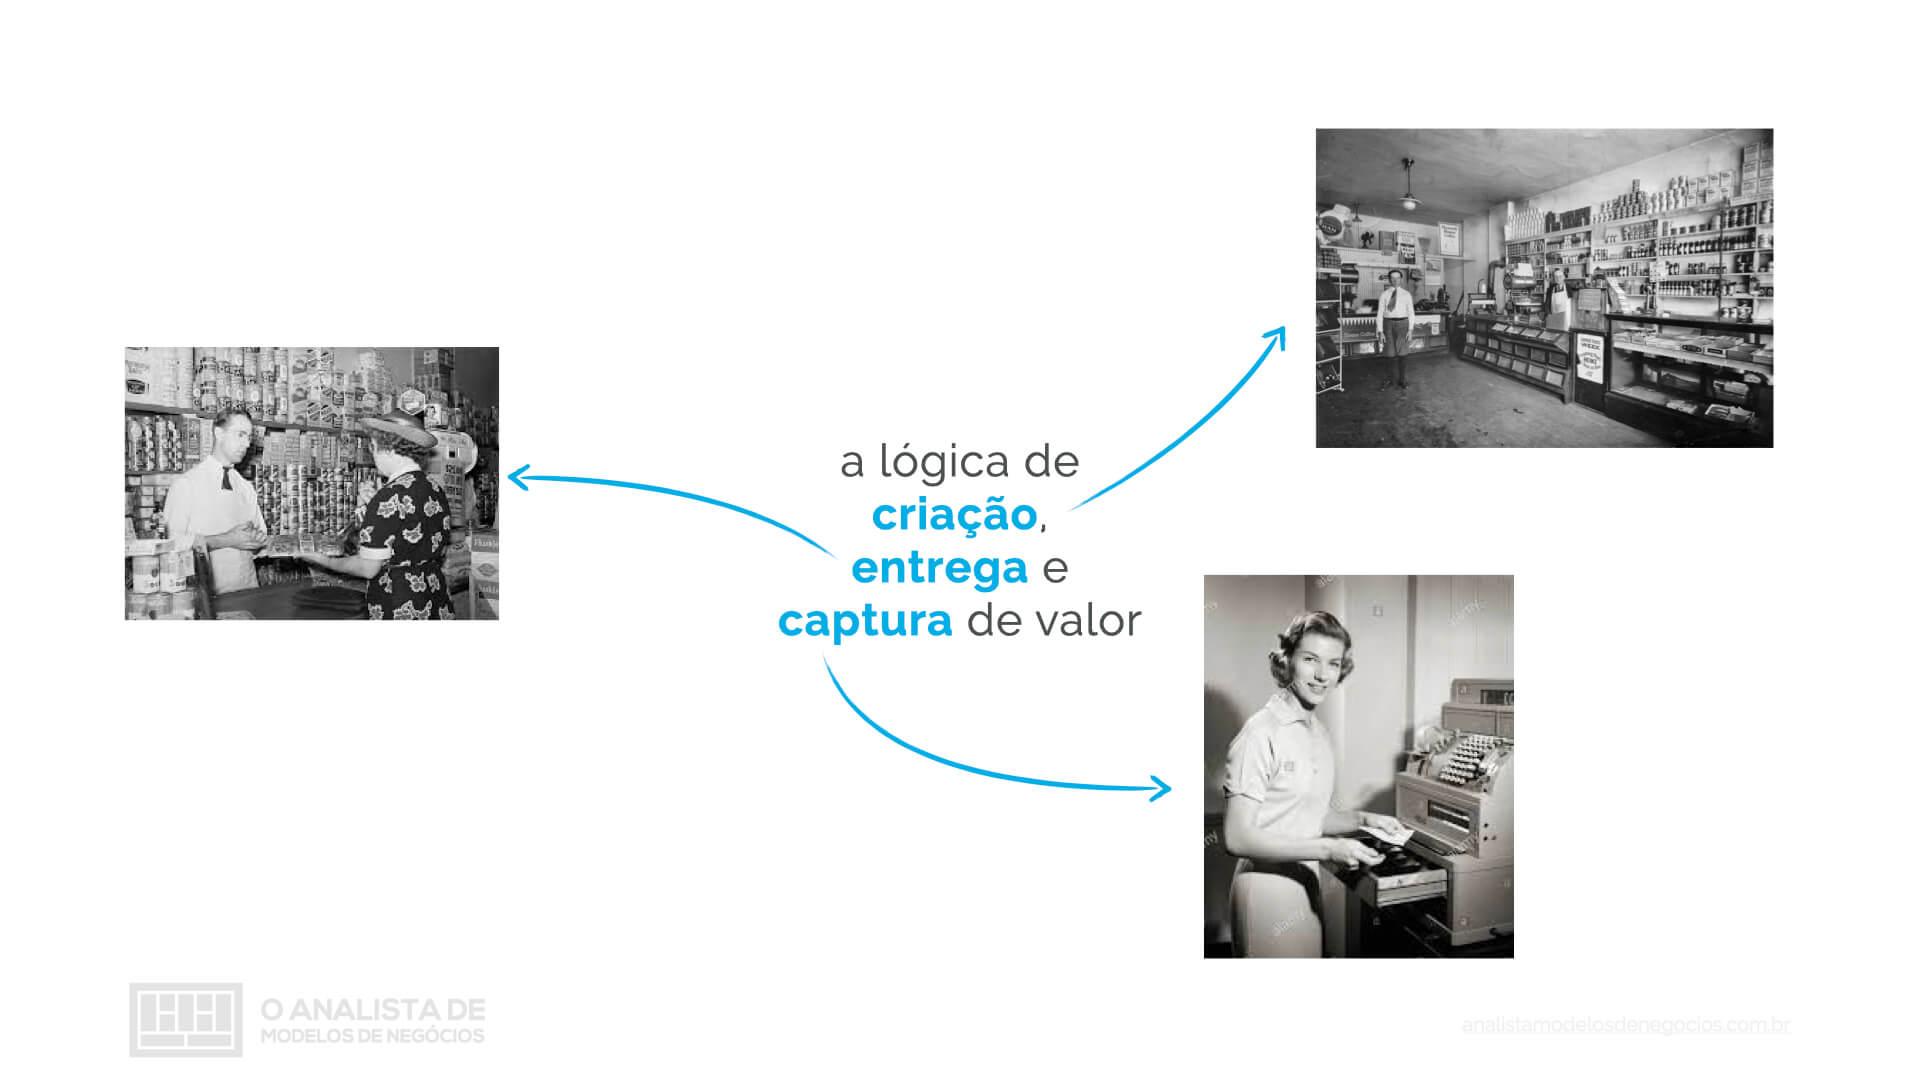 O que é um modelo de negócio?